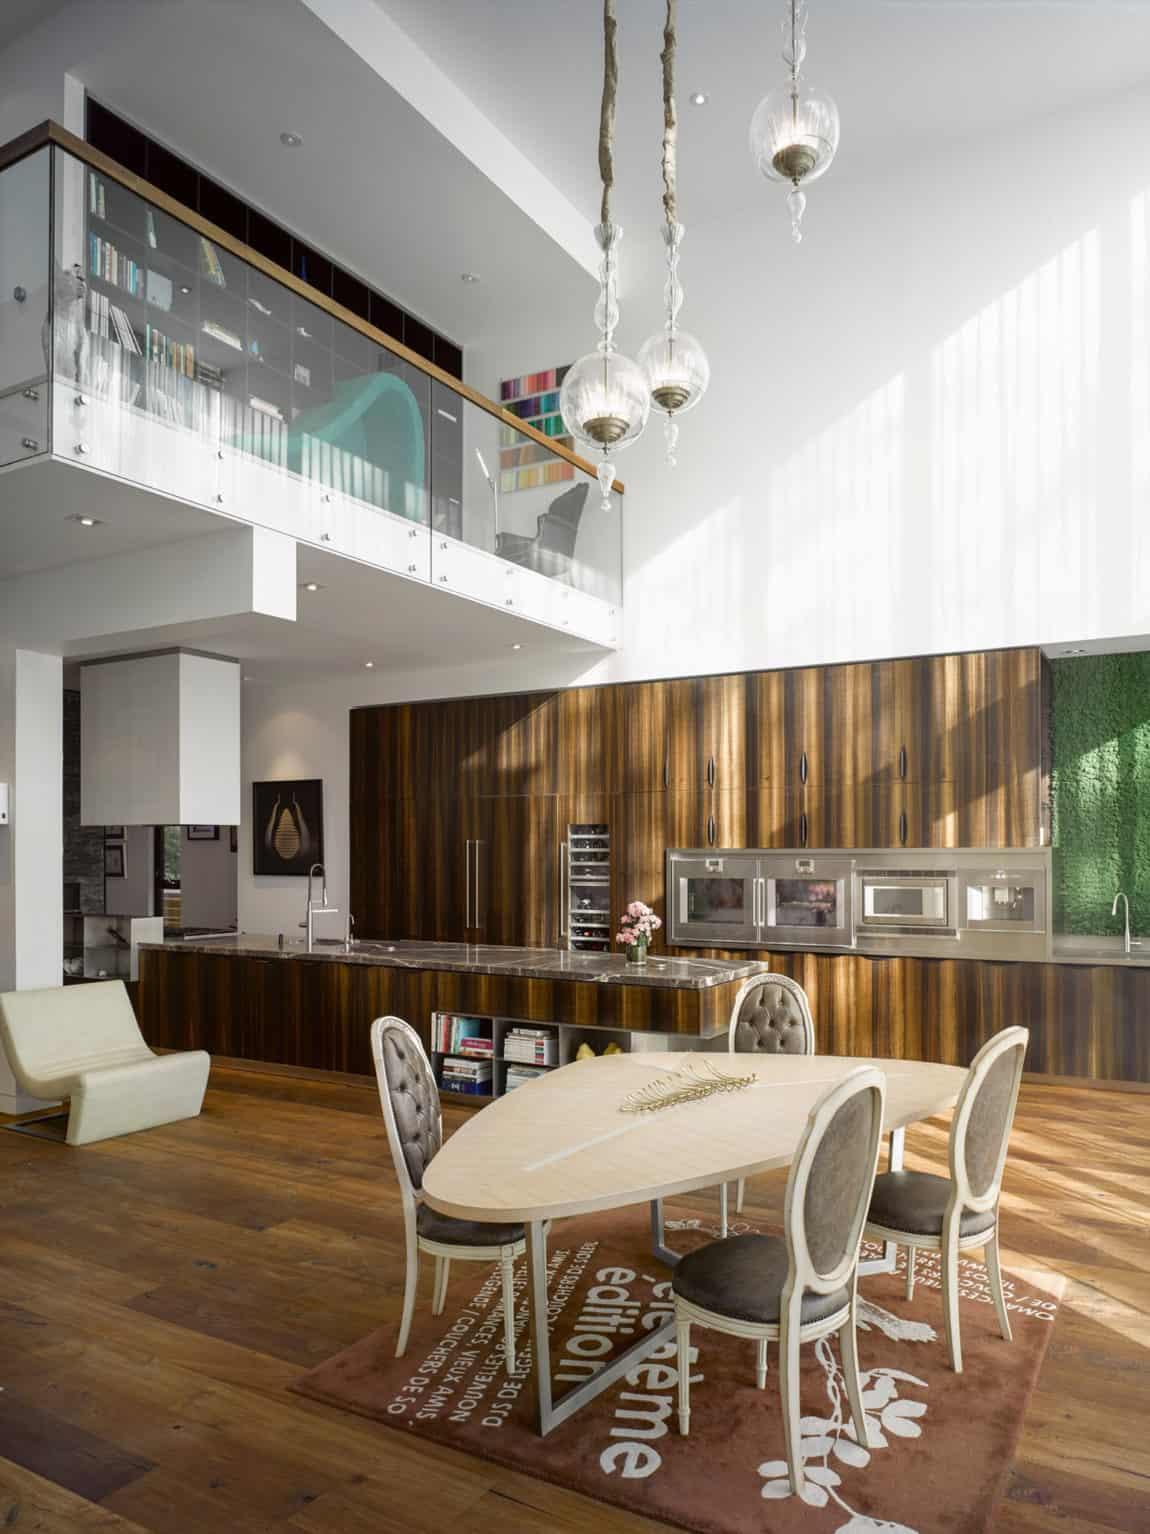 Aldo House by Prototype Design Lab (5)